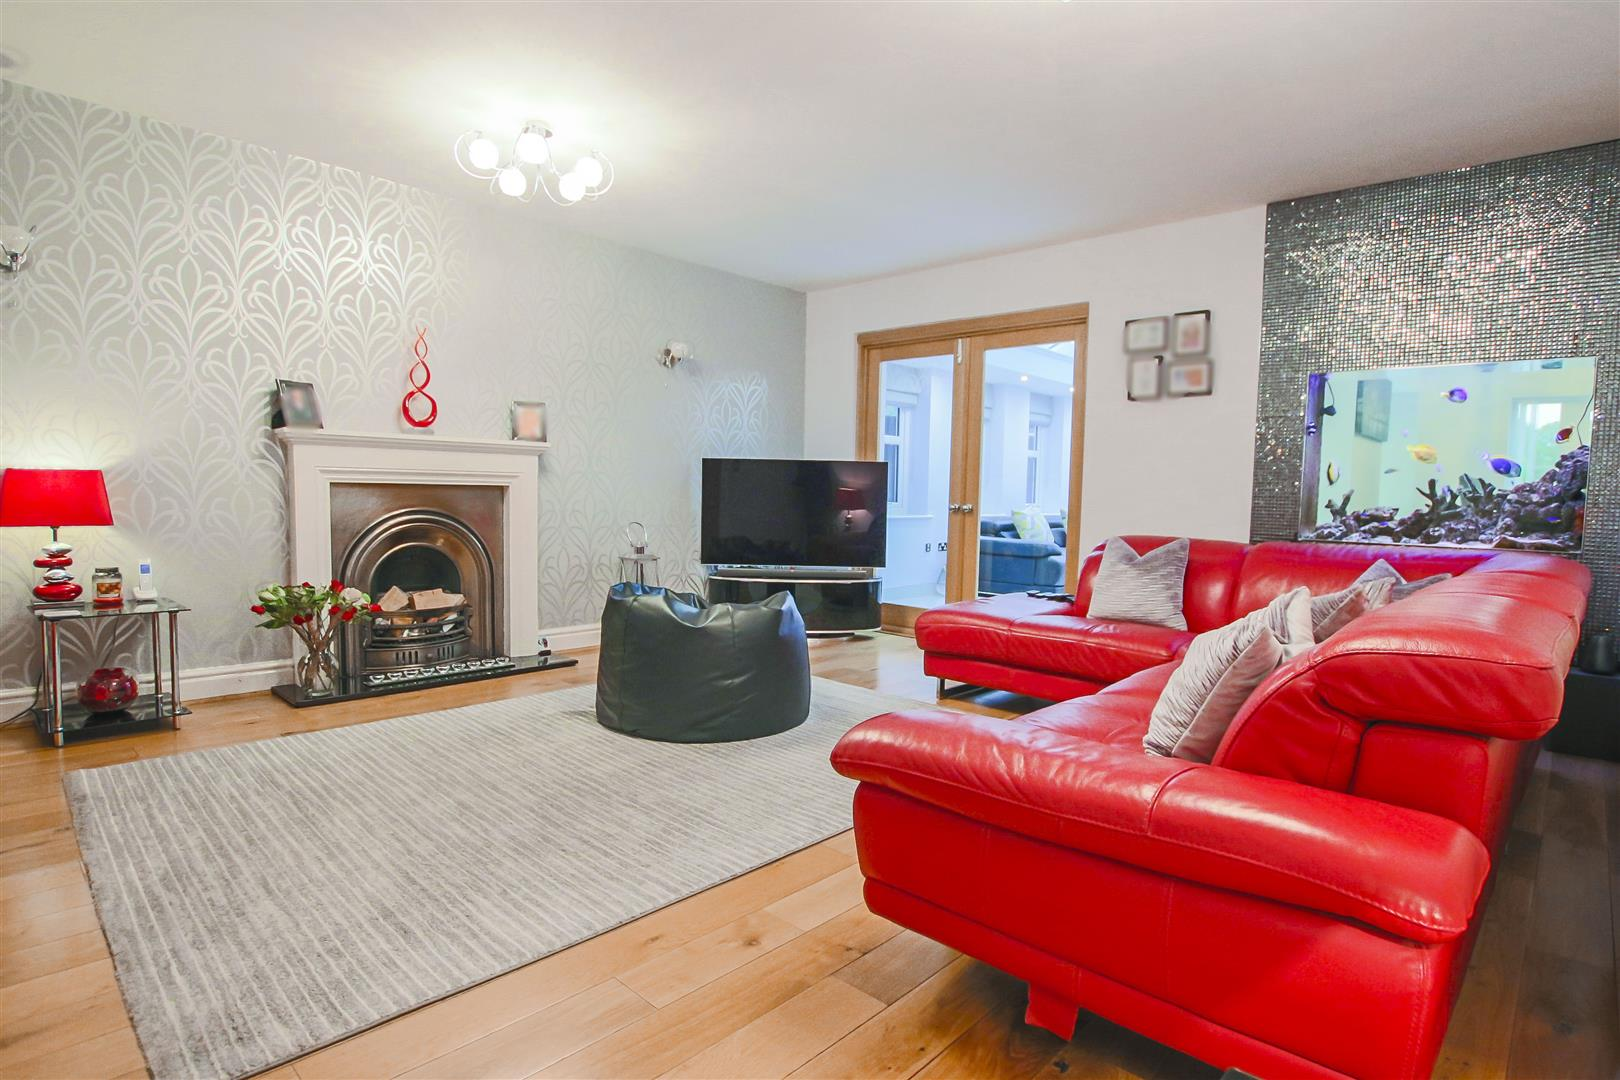 4 Bedroom Detached House For Sale - Living Room